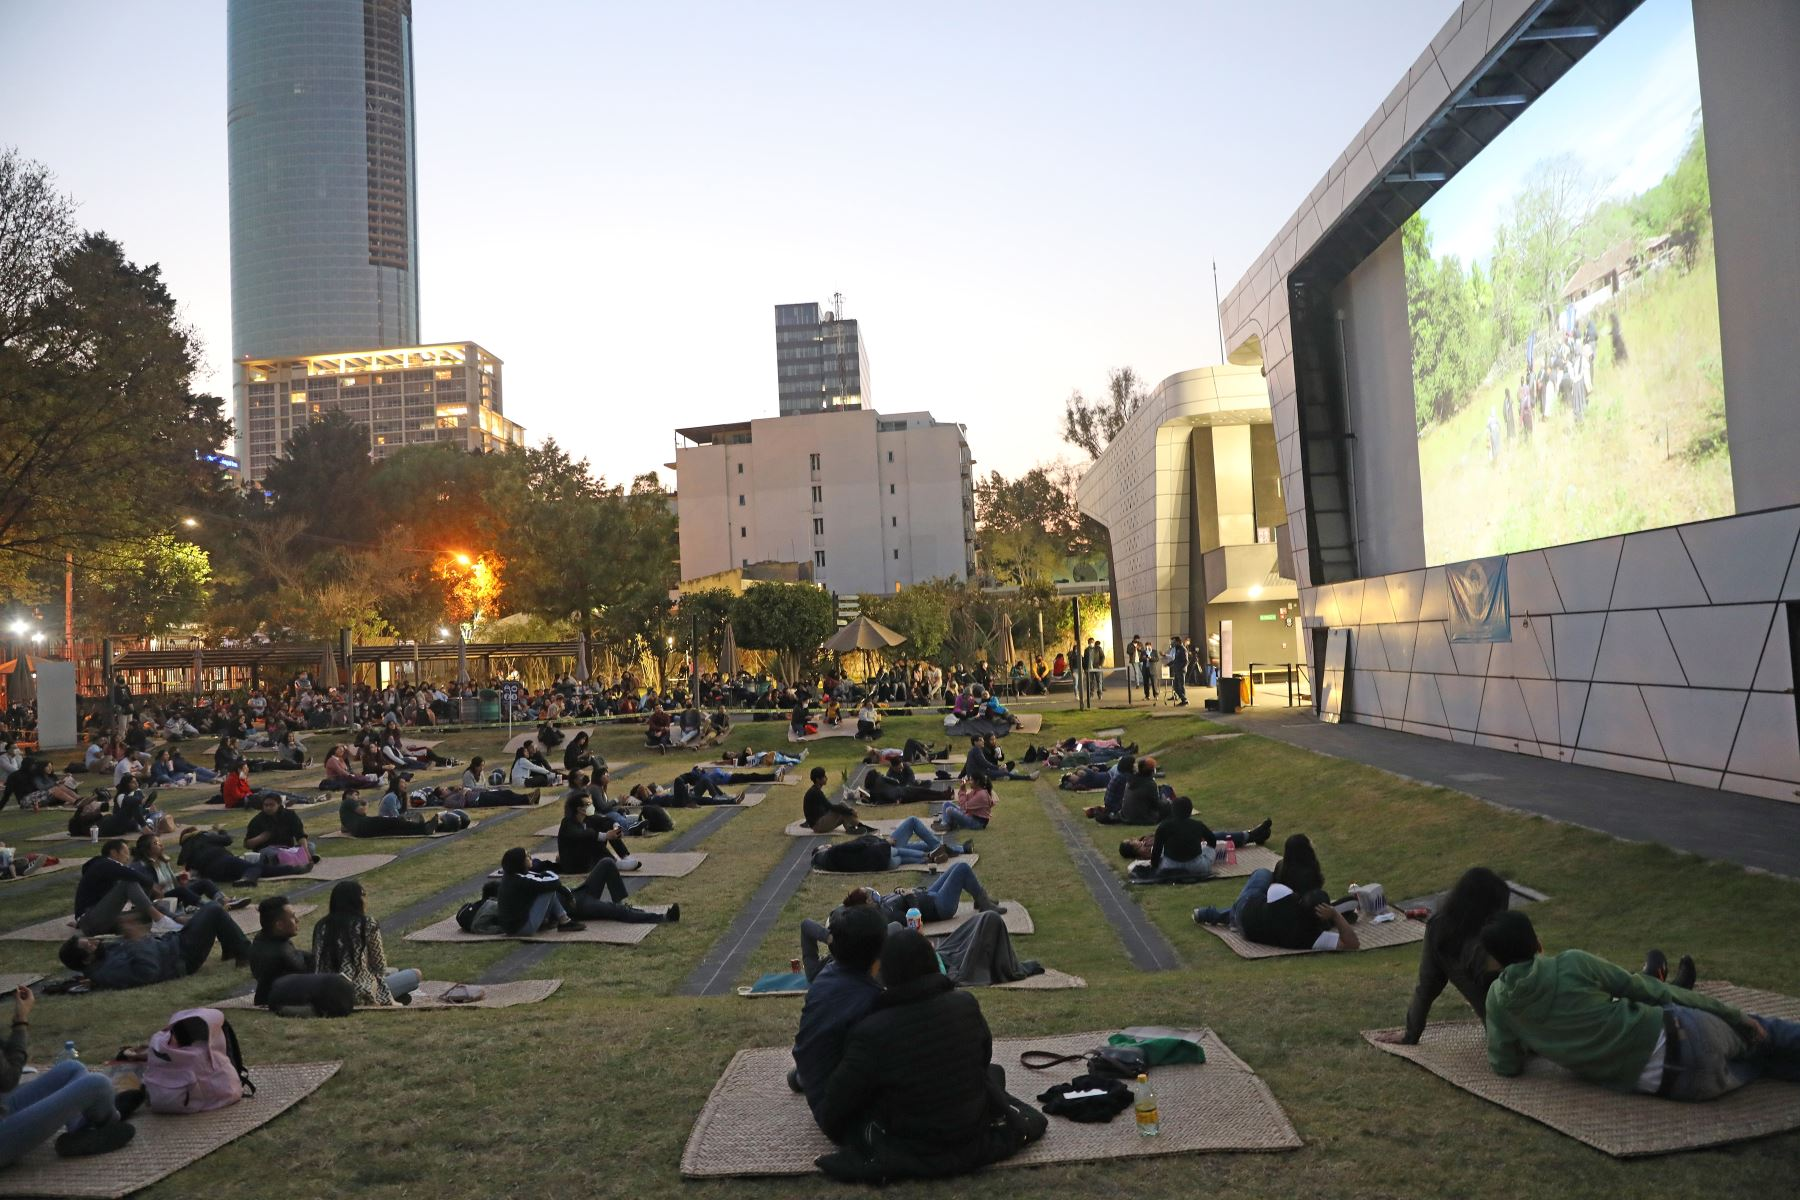 Personas asisten a una función de cine al aire libre como medida sanitaria, en la Cineteca Nacional en la Ciudad de México. Foto: EFE